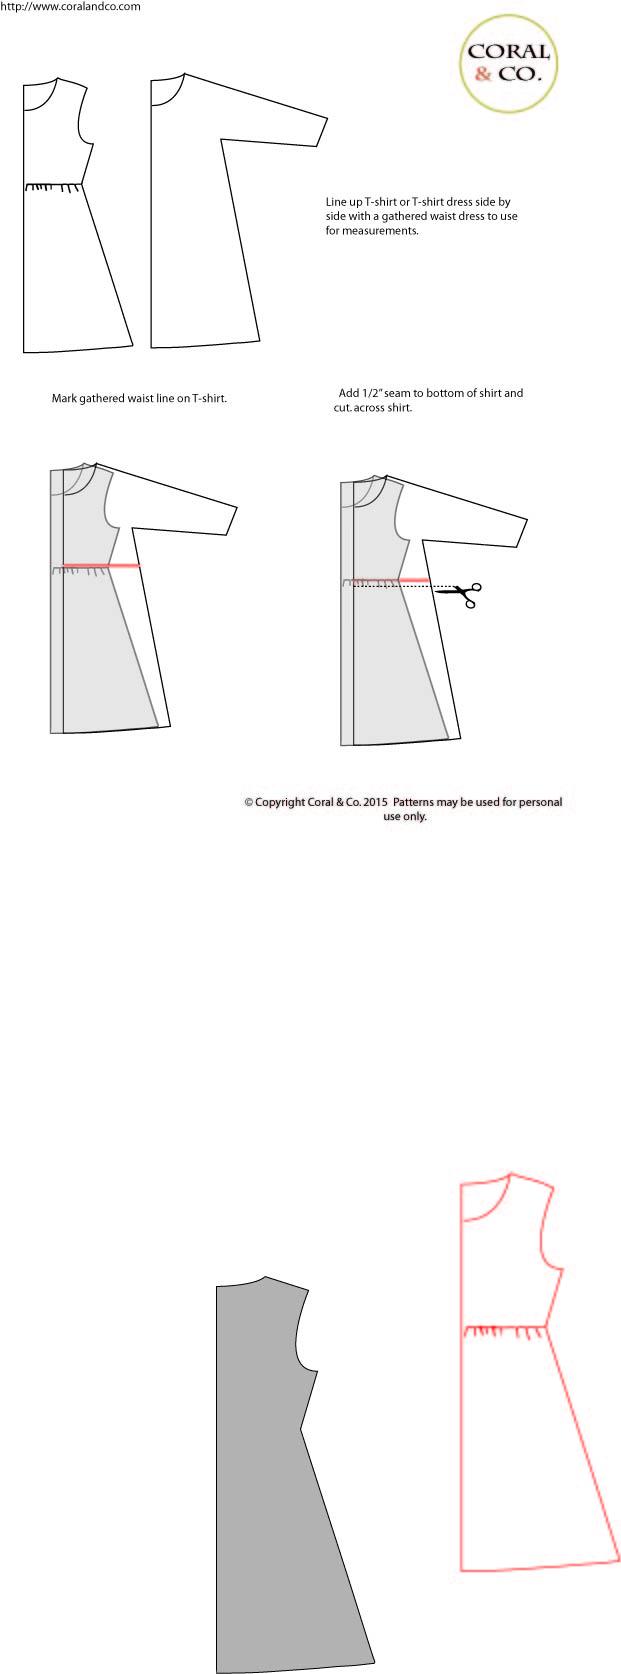 DIY T-shirt Dress Tutorial - How to add a skirt to a shirt